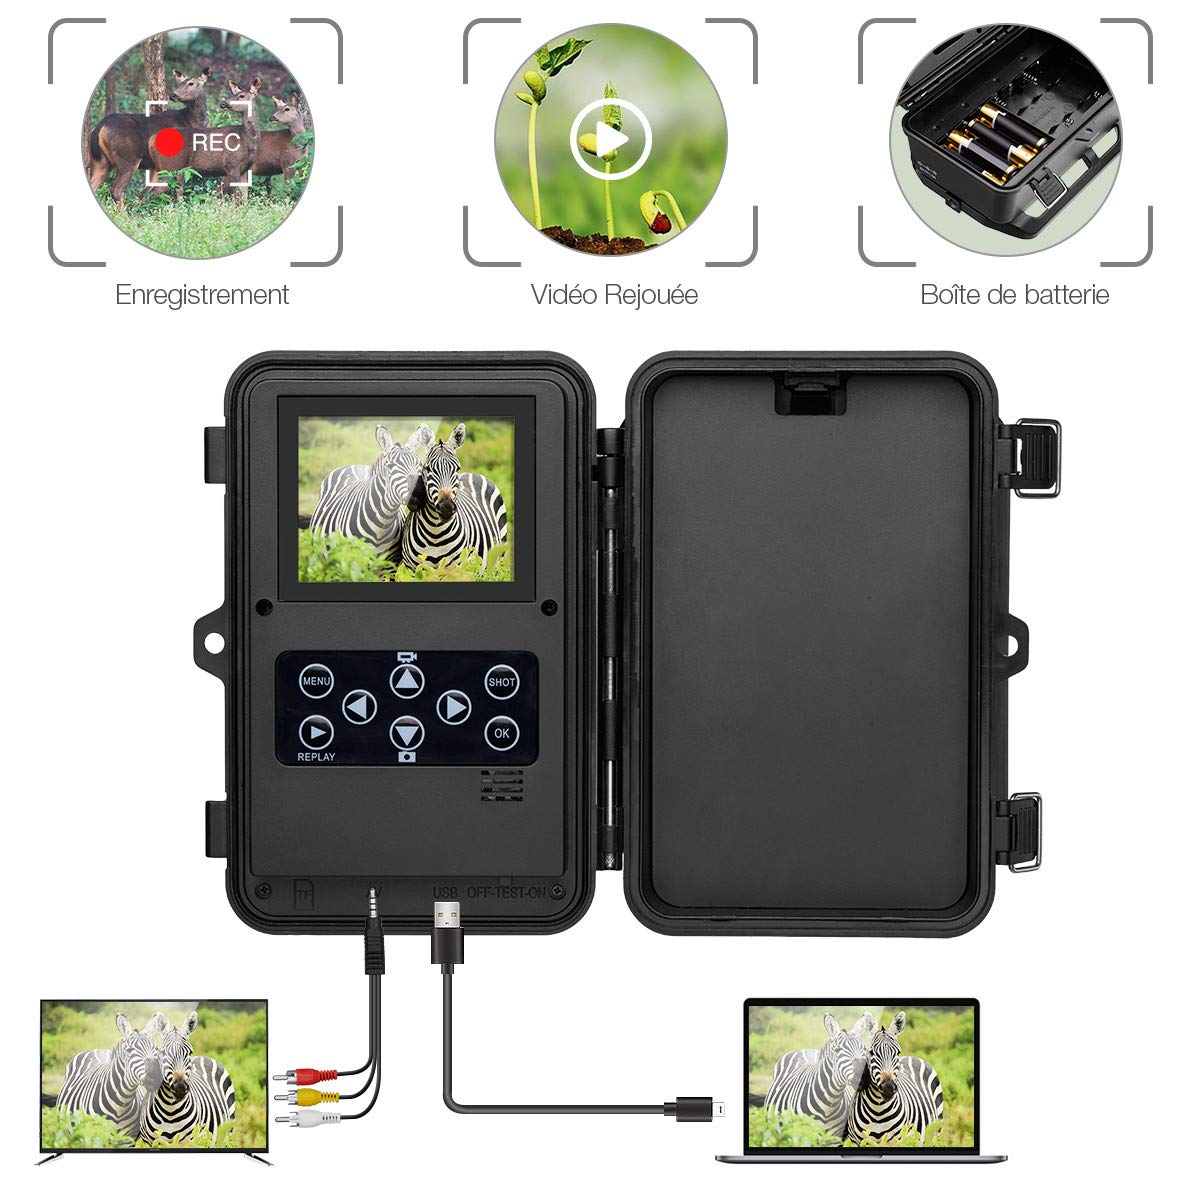 Powerextra Caméra de Chasse 1080P 16MP IP66 Grand Angle 42 IR LED Détection 120°Caméra Surveillance des Animaux avec Infrarouge Vision Nocturne Écran de LCD 6cm jusqu'à 20m (Vert Foncé)